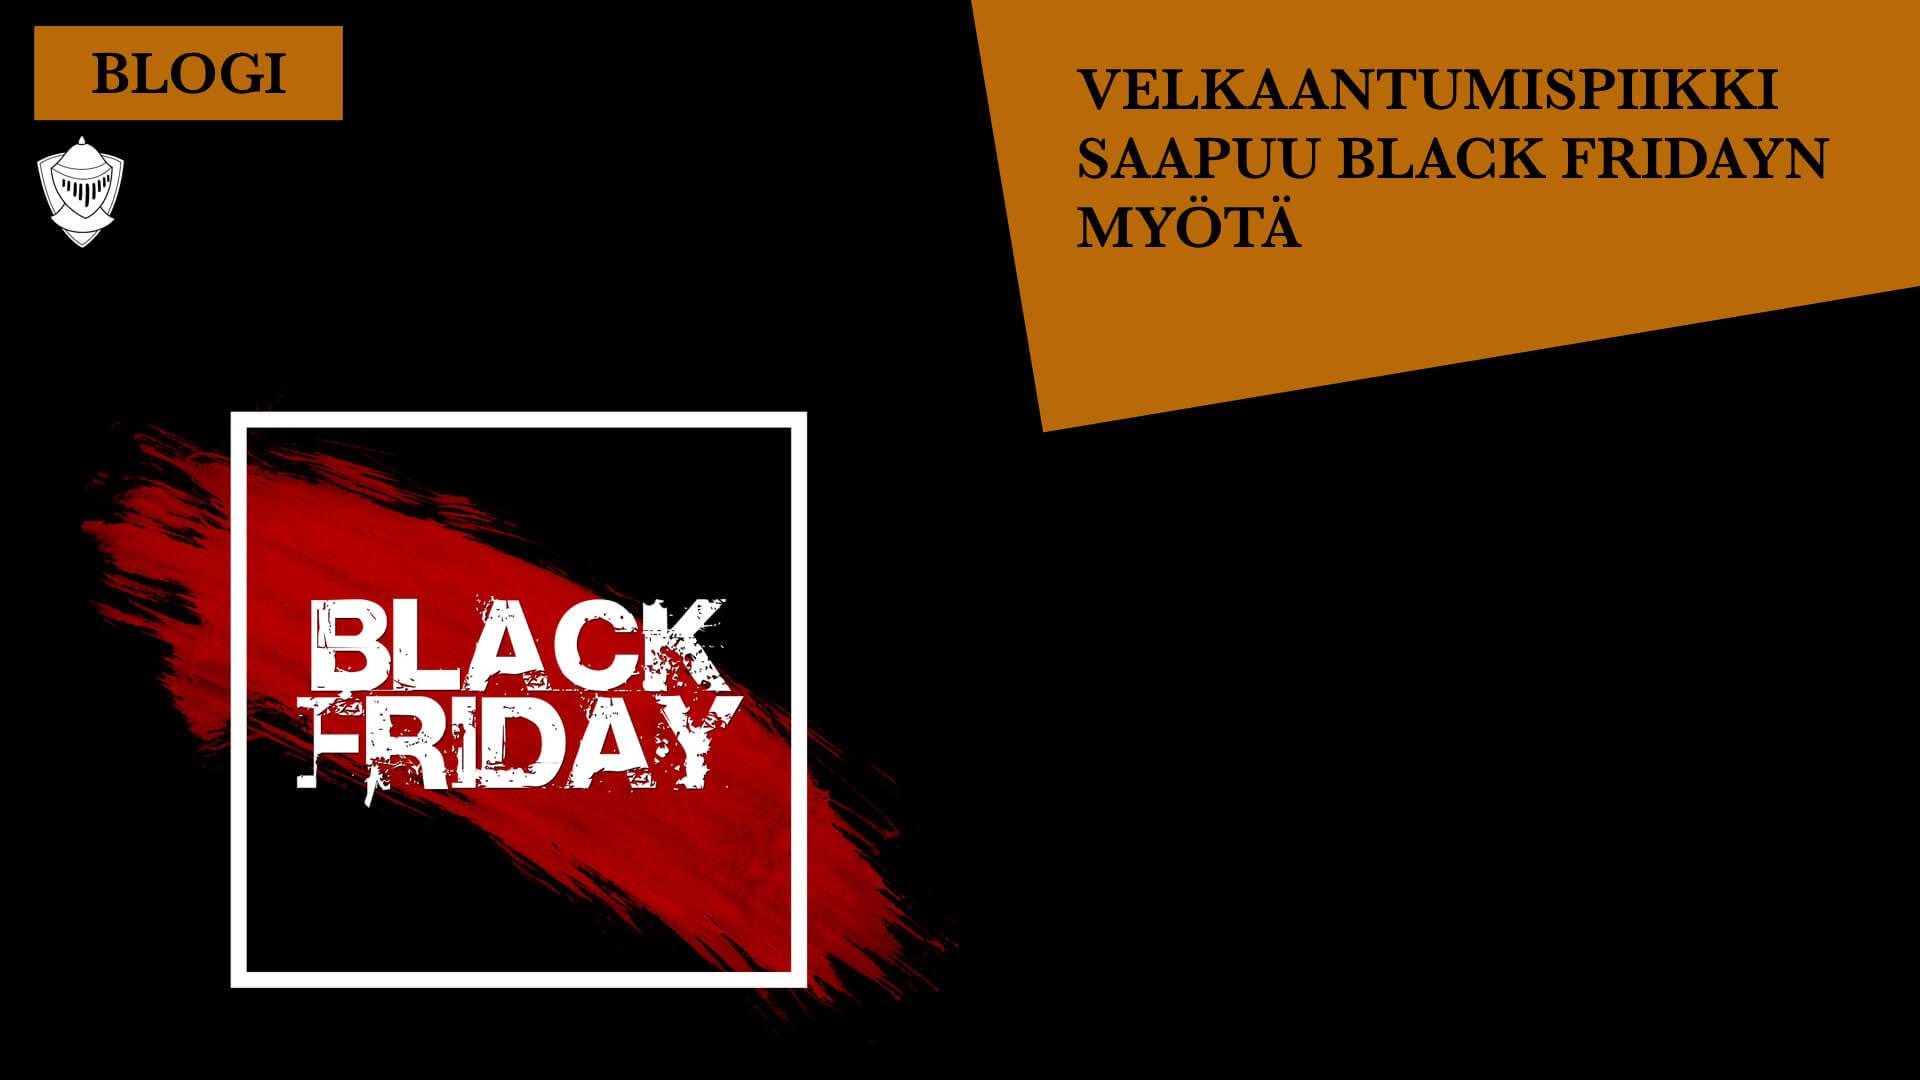 Black Friday tuo mukanaan velakaantumispiikin Perintäritarin blogi